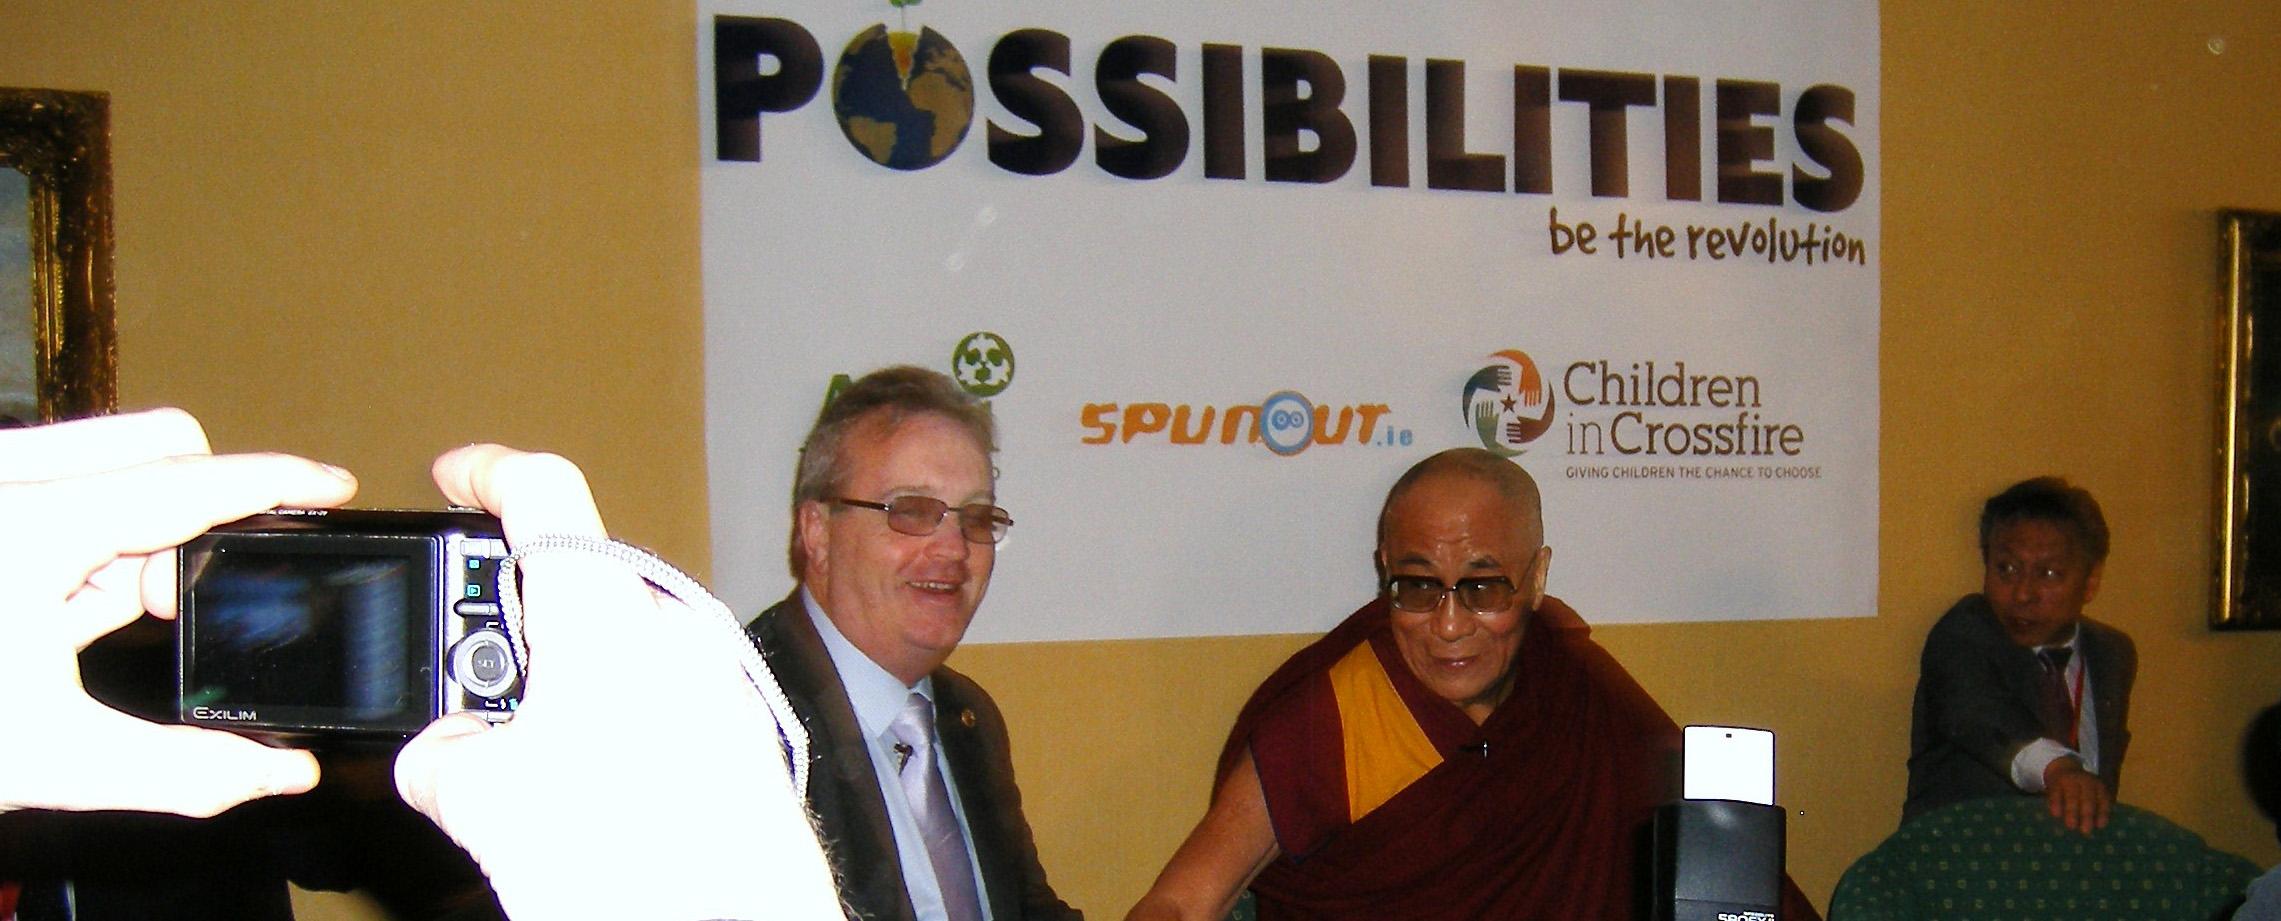 Dalai-Lama-Posibilities-feature